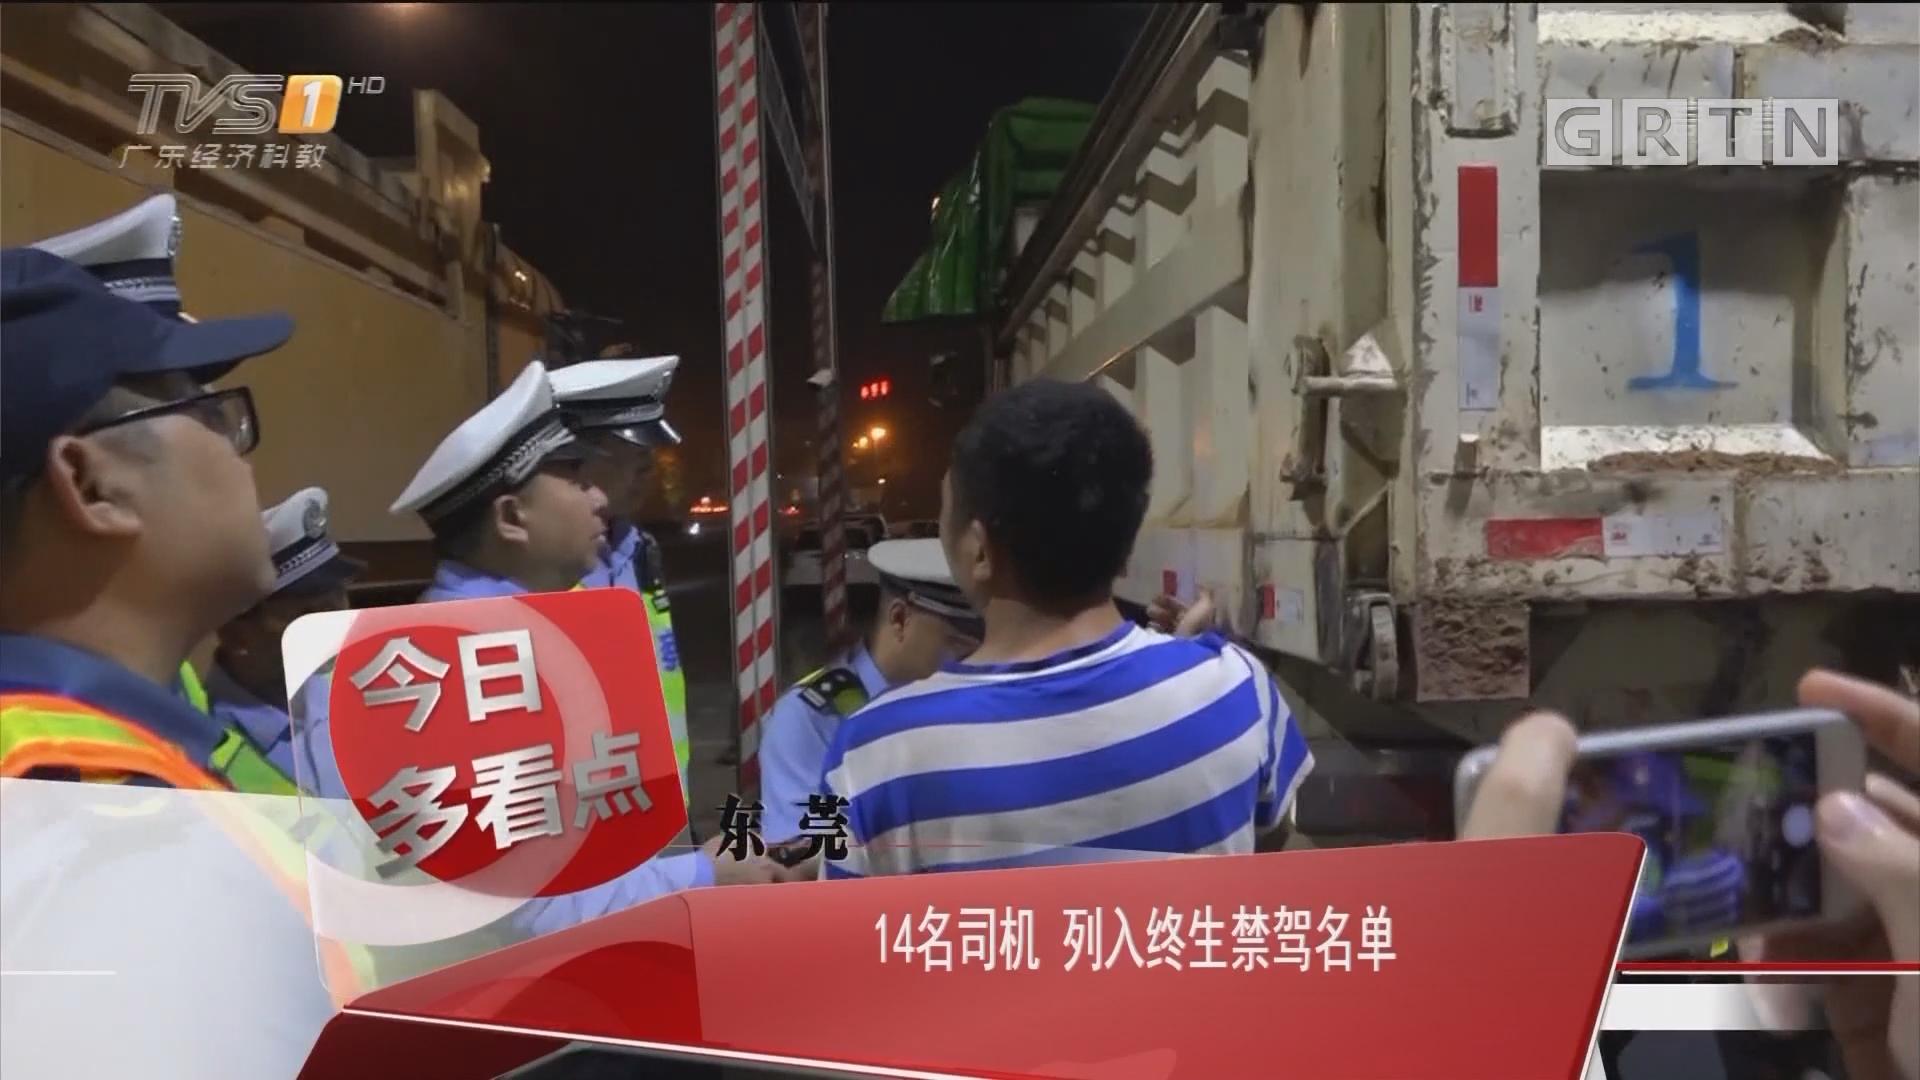 东莞:14名司机 列入终生禁驾名单